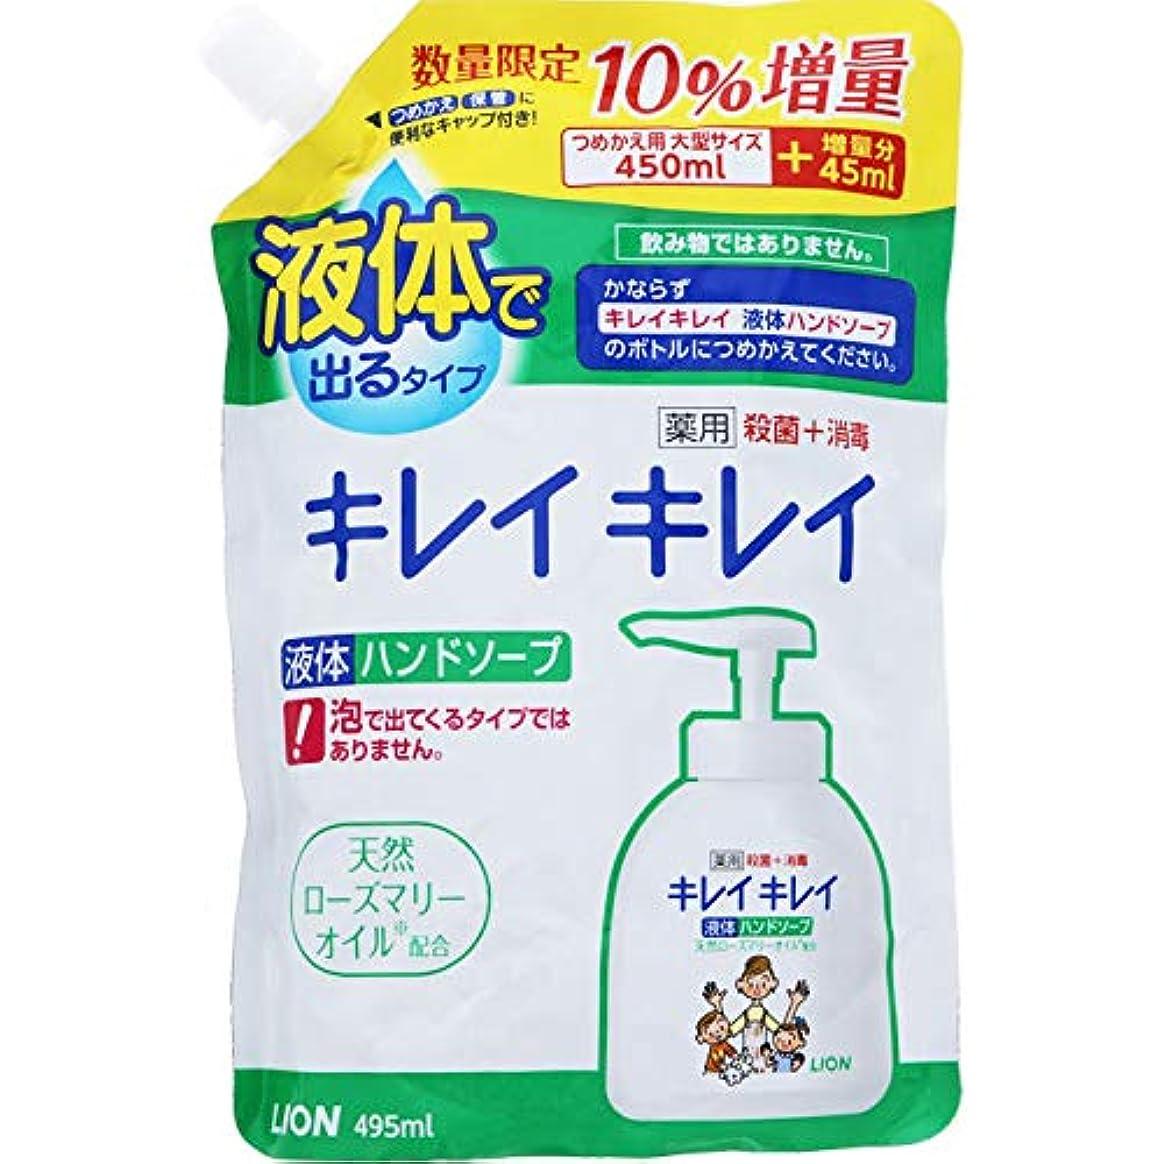 価格擬人裸ライオン キレイキレイ 薬用ハンドソープ 詰替用大型増量 450+45ml